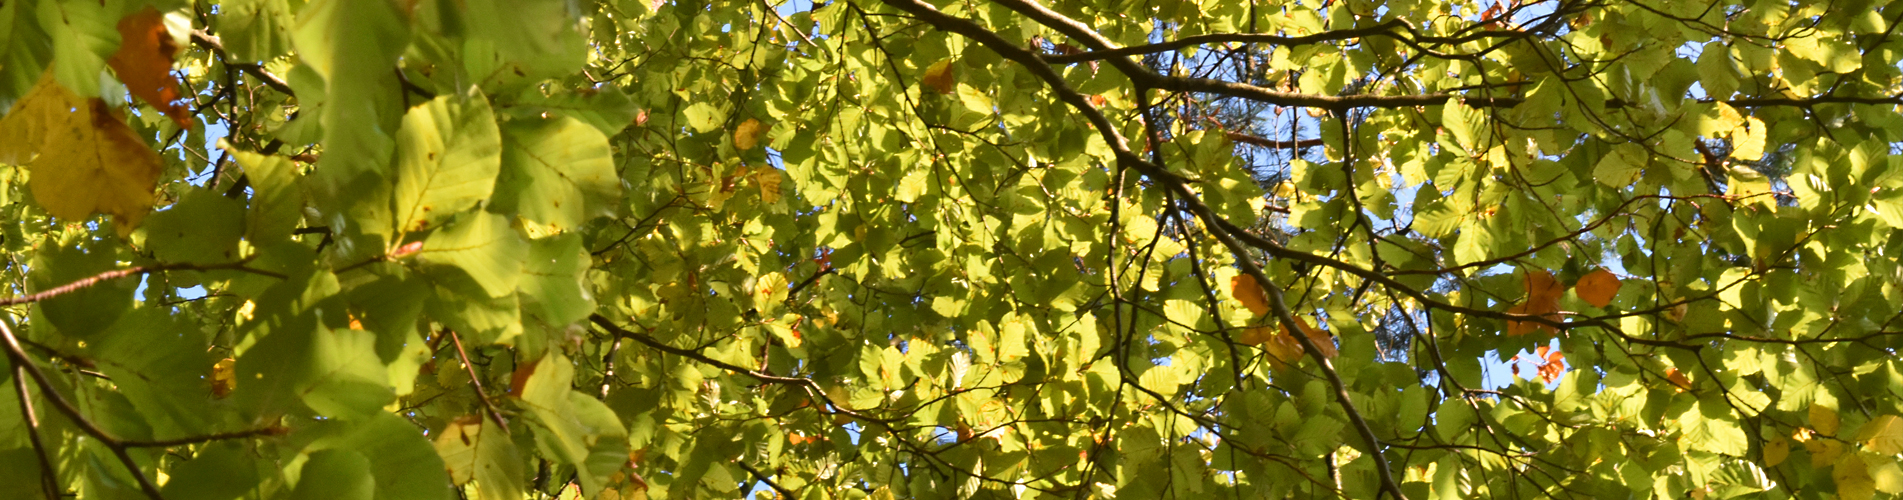 Blätter, Bäume, Wälder – Mehr Wissen